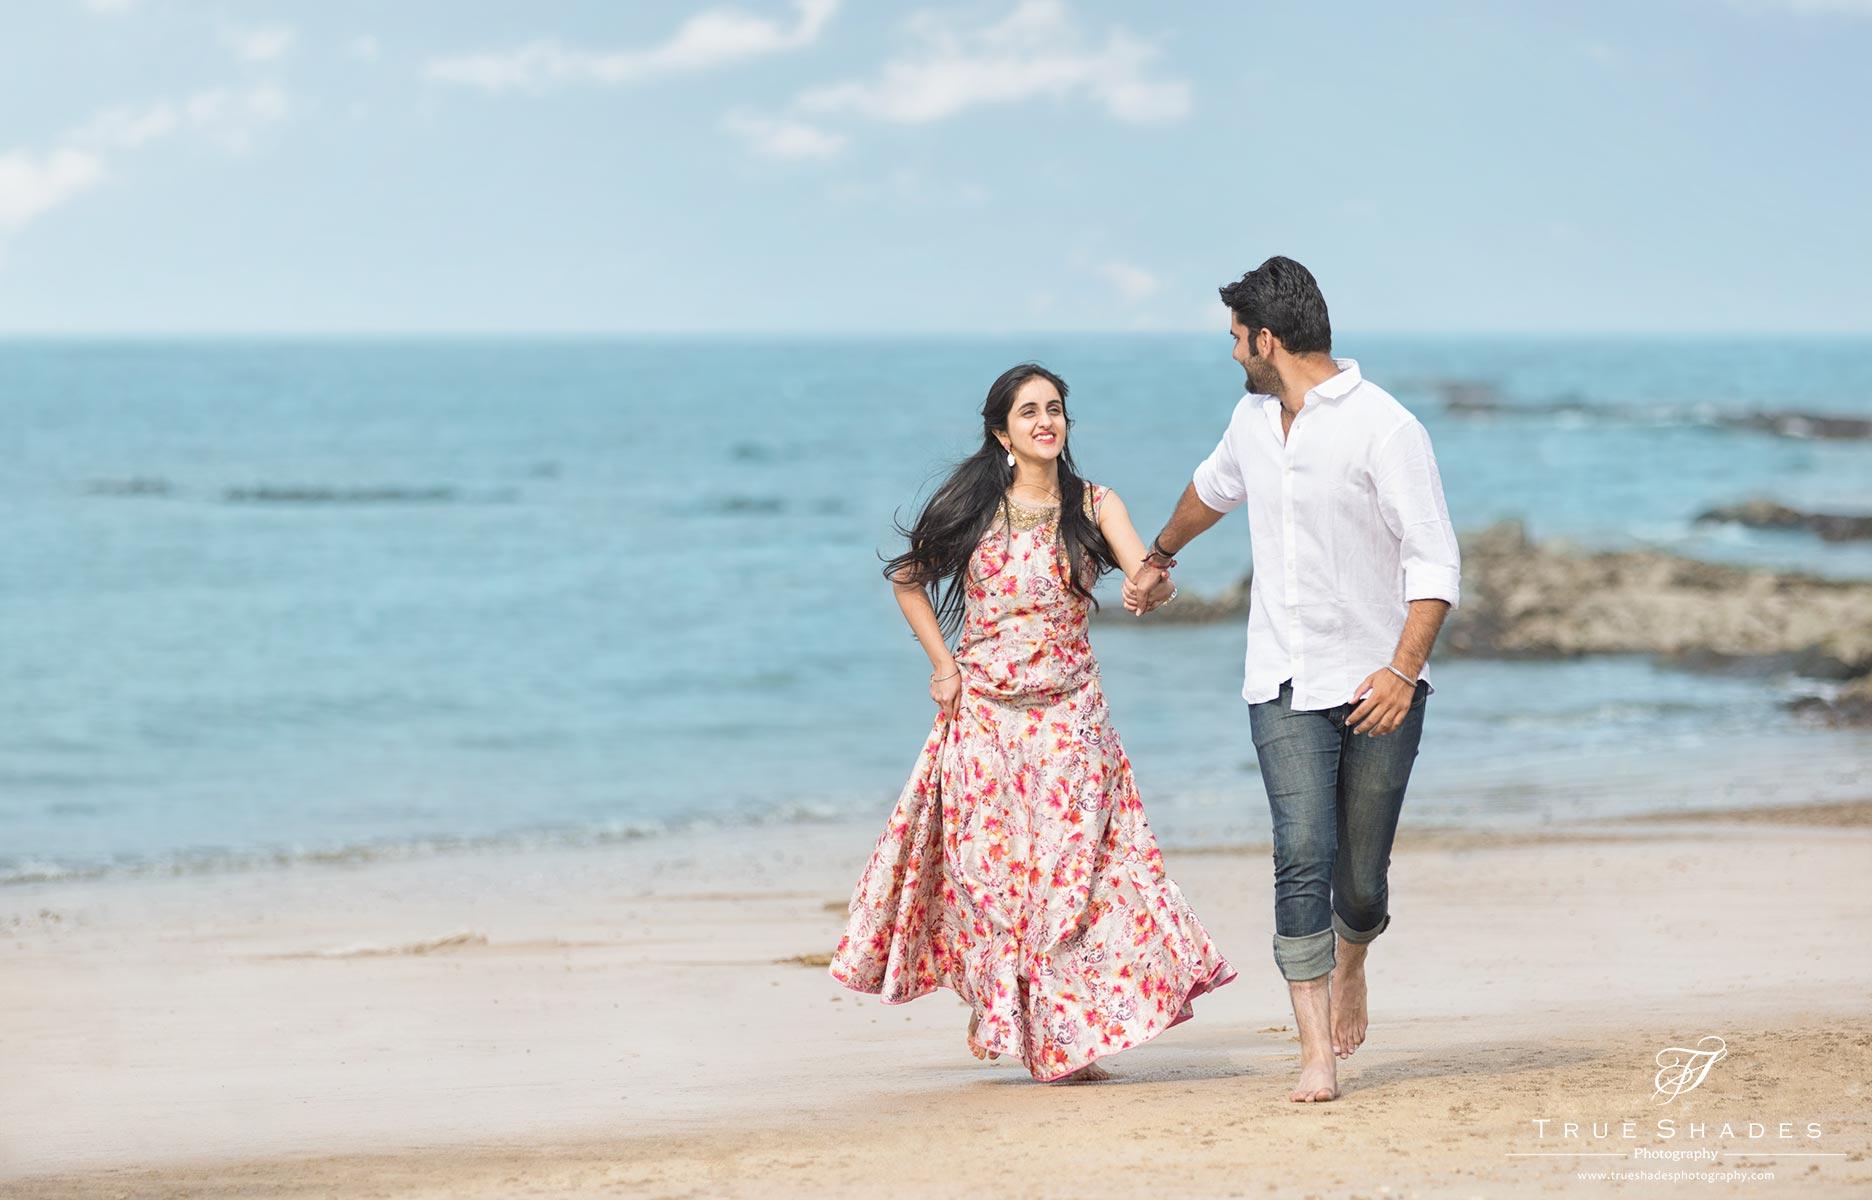 3.The Beach Photo